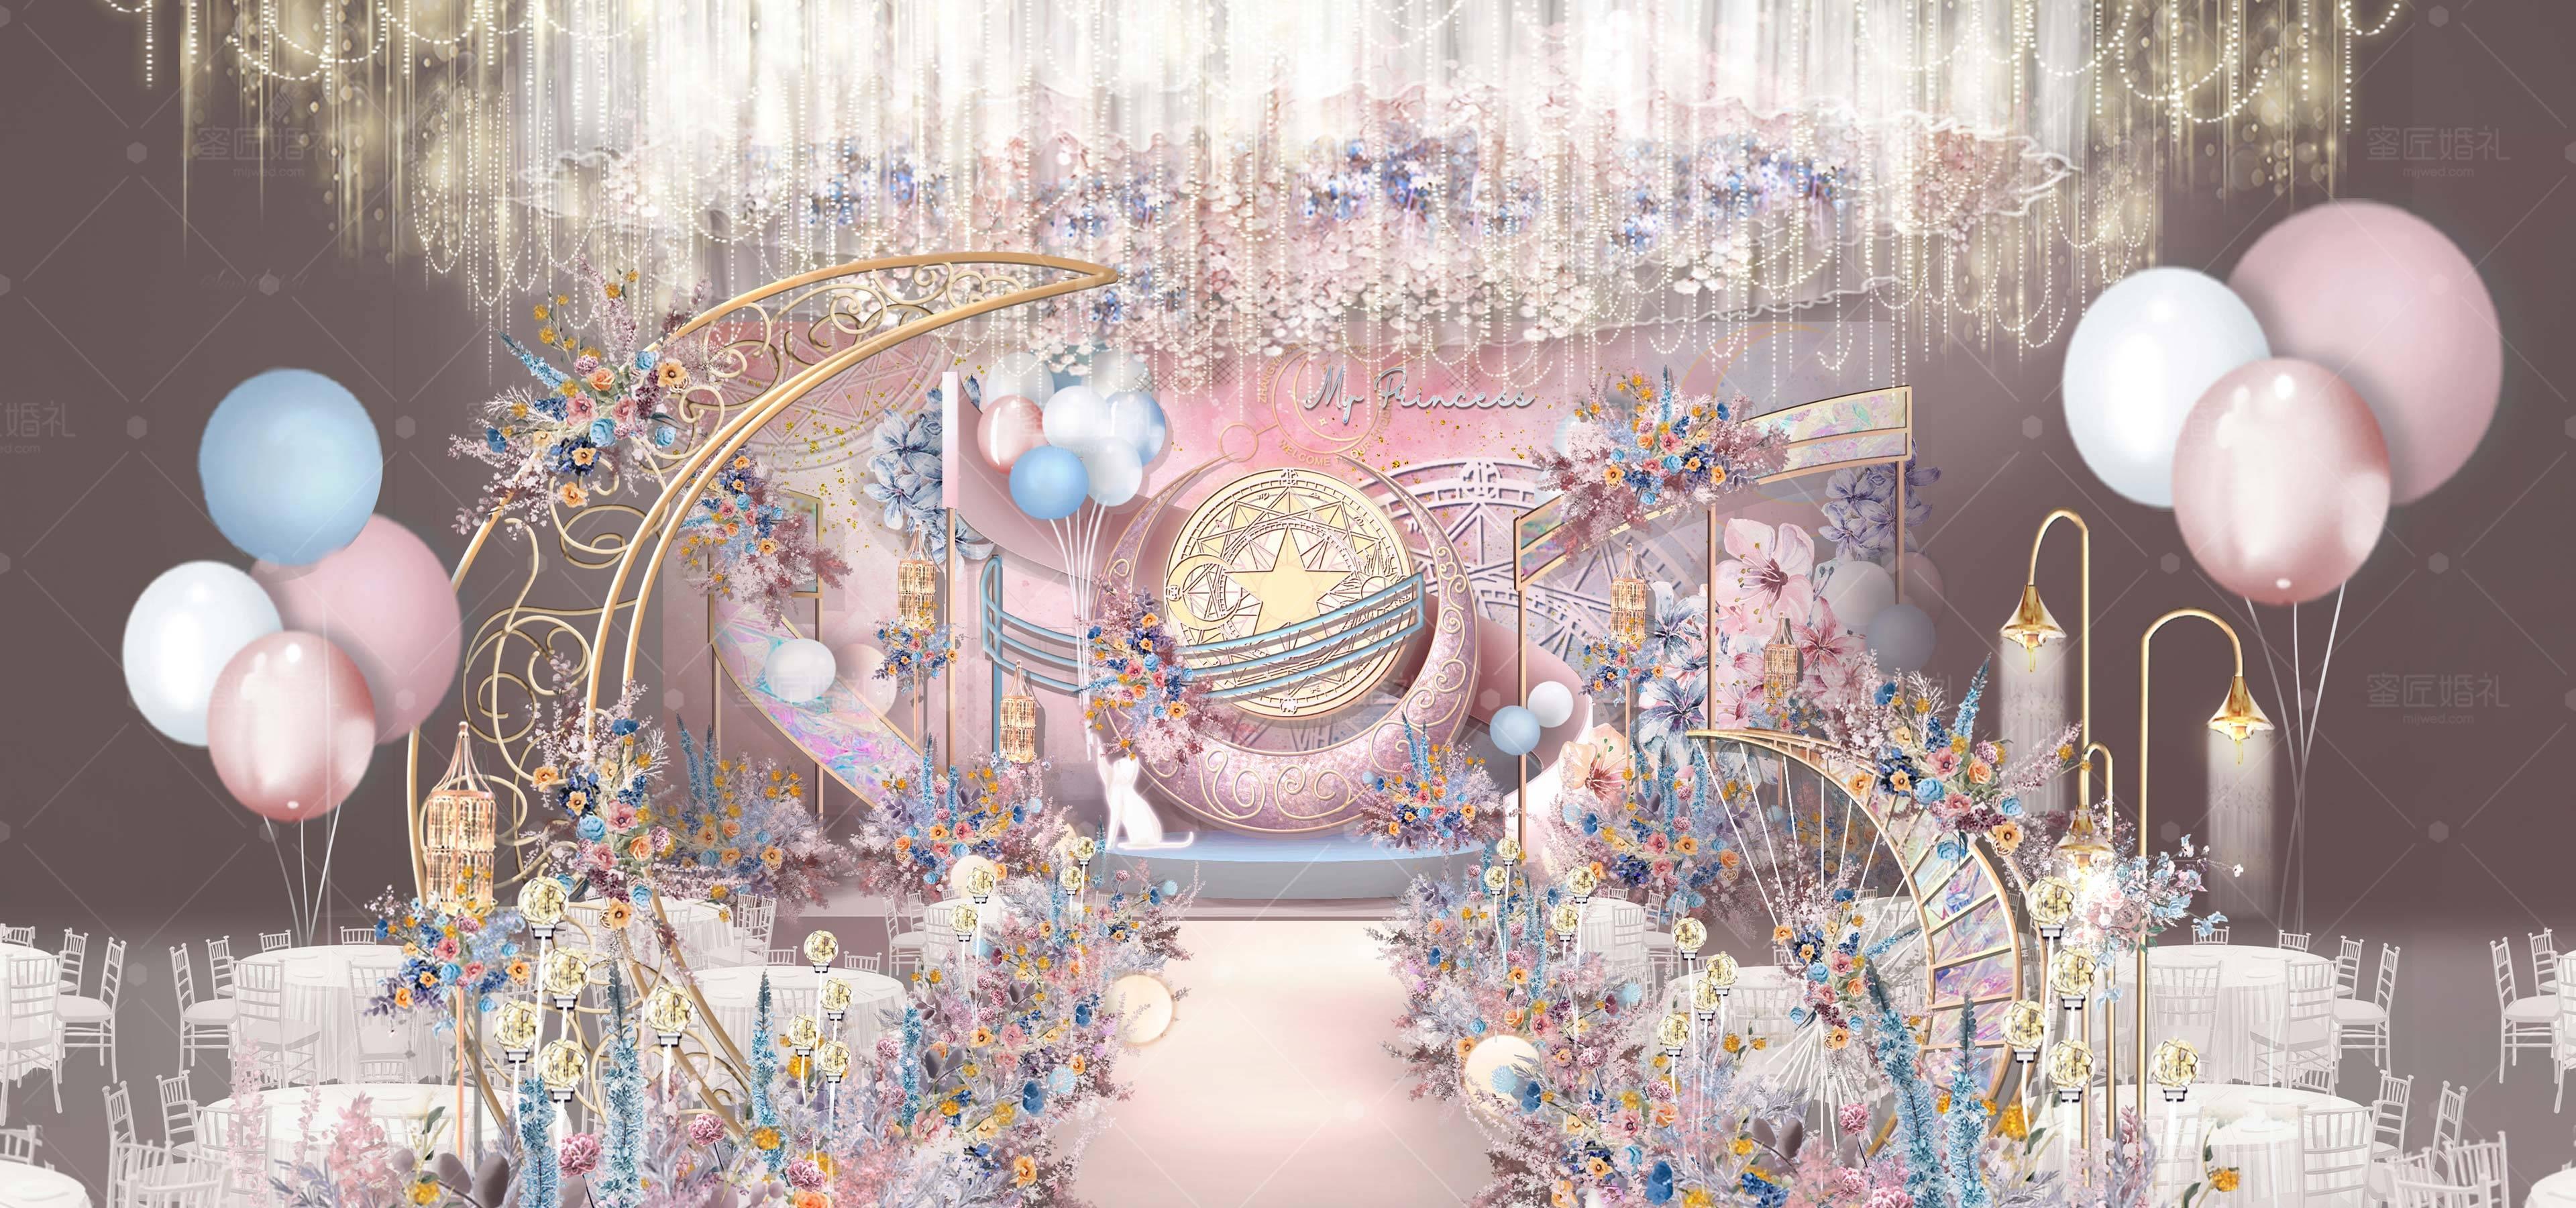 长沙婚礼策划方案:My Princess1